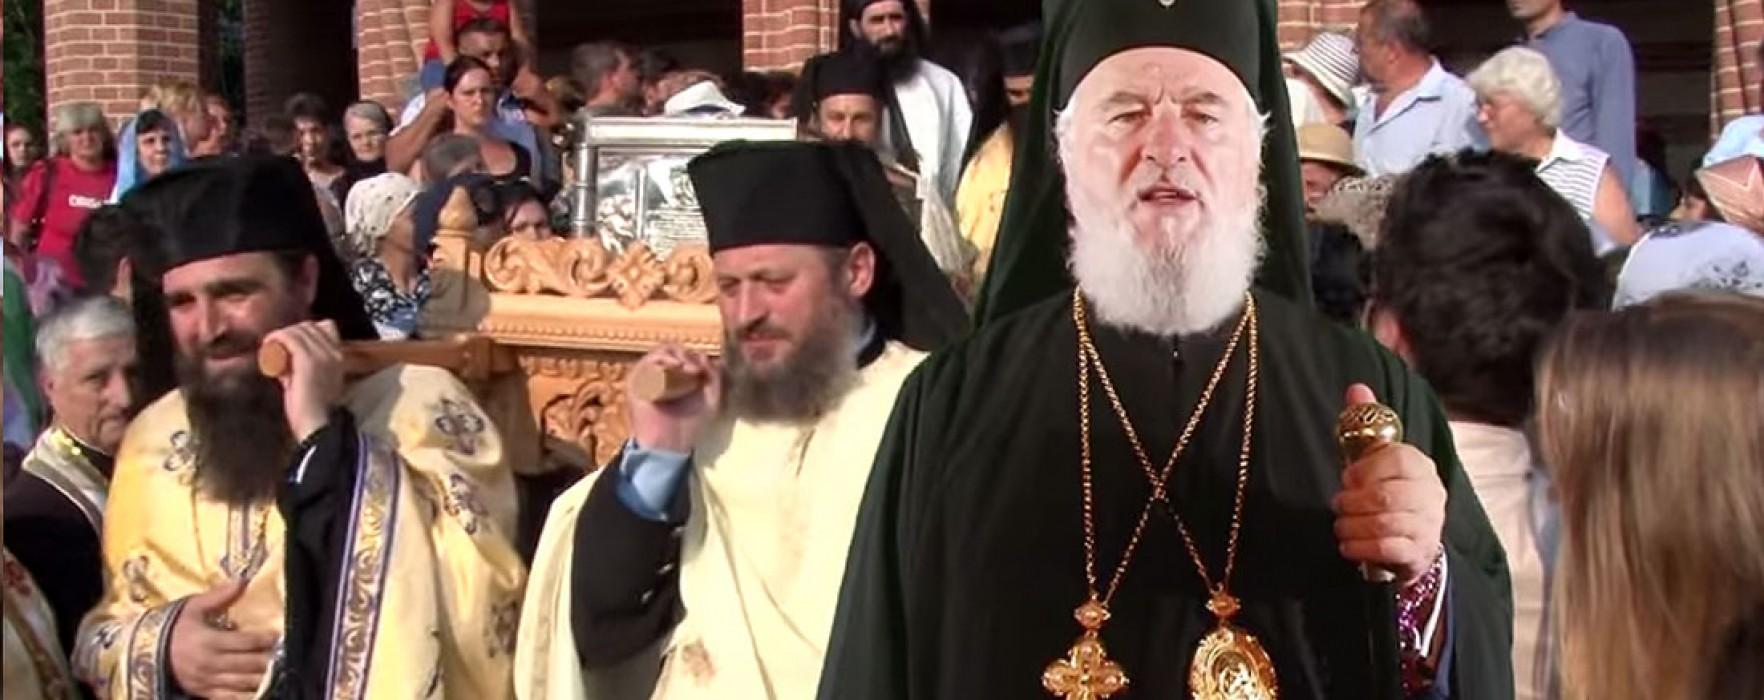 Mesajul arhiepiscopului Târgoviştei cu ocazia Sf. Nifon